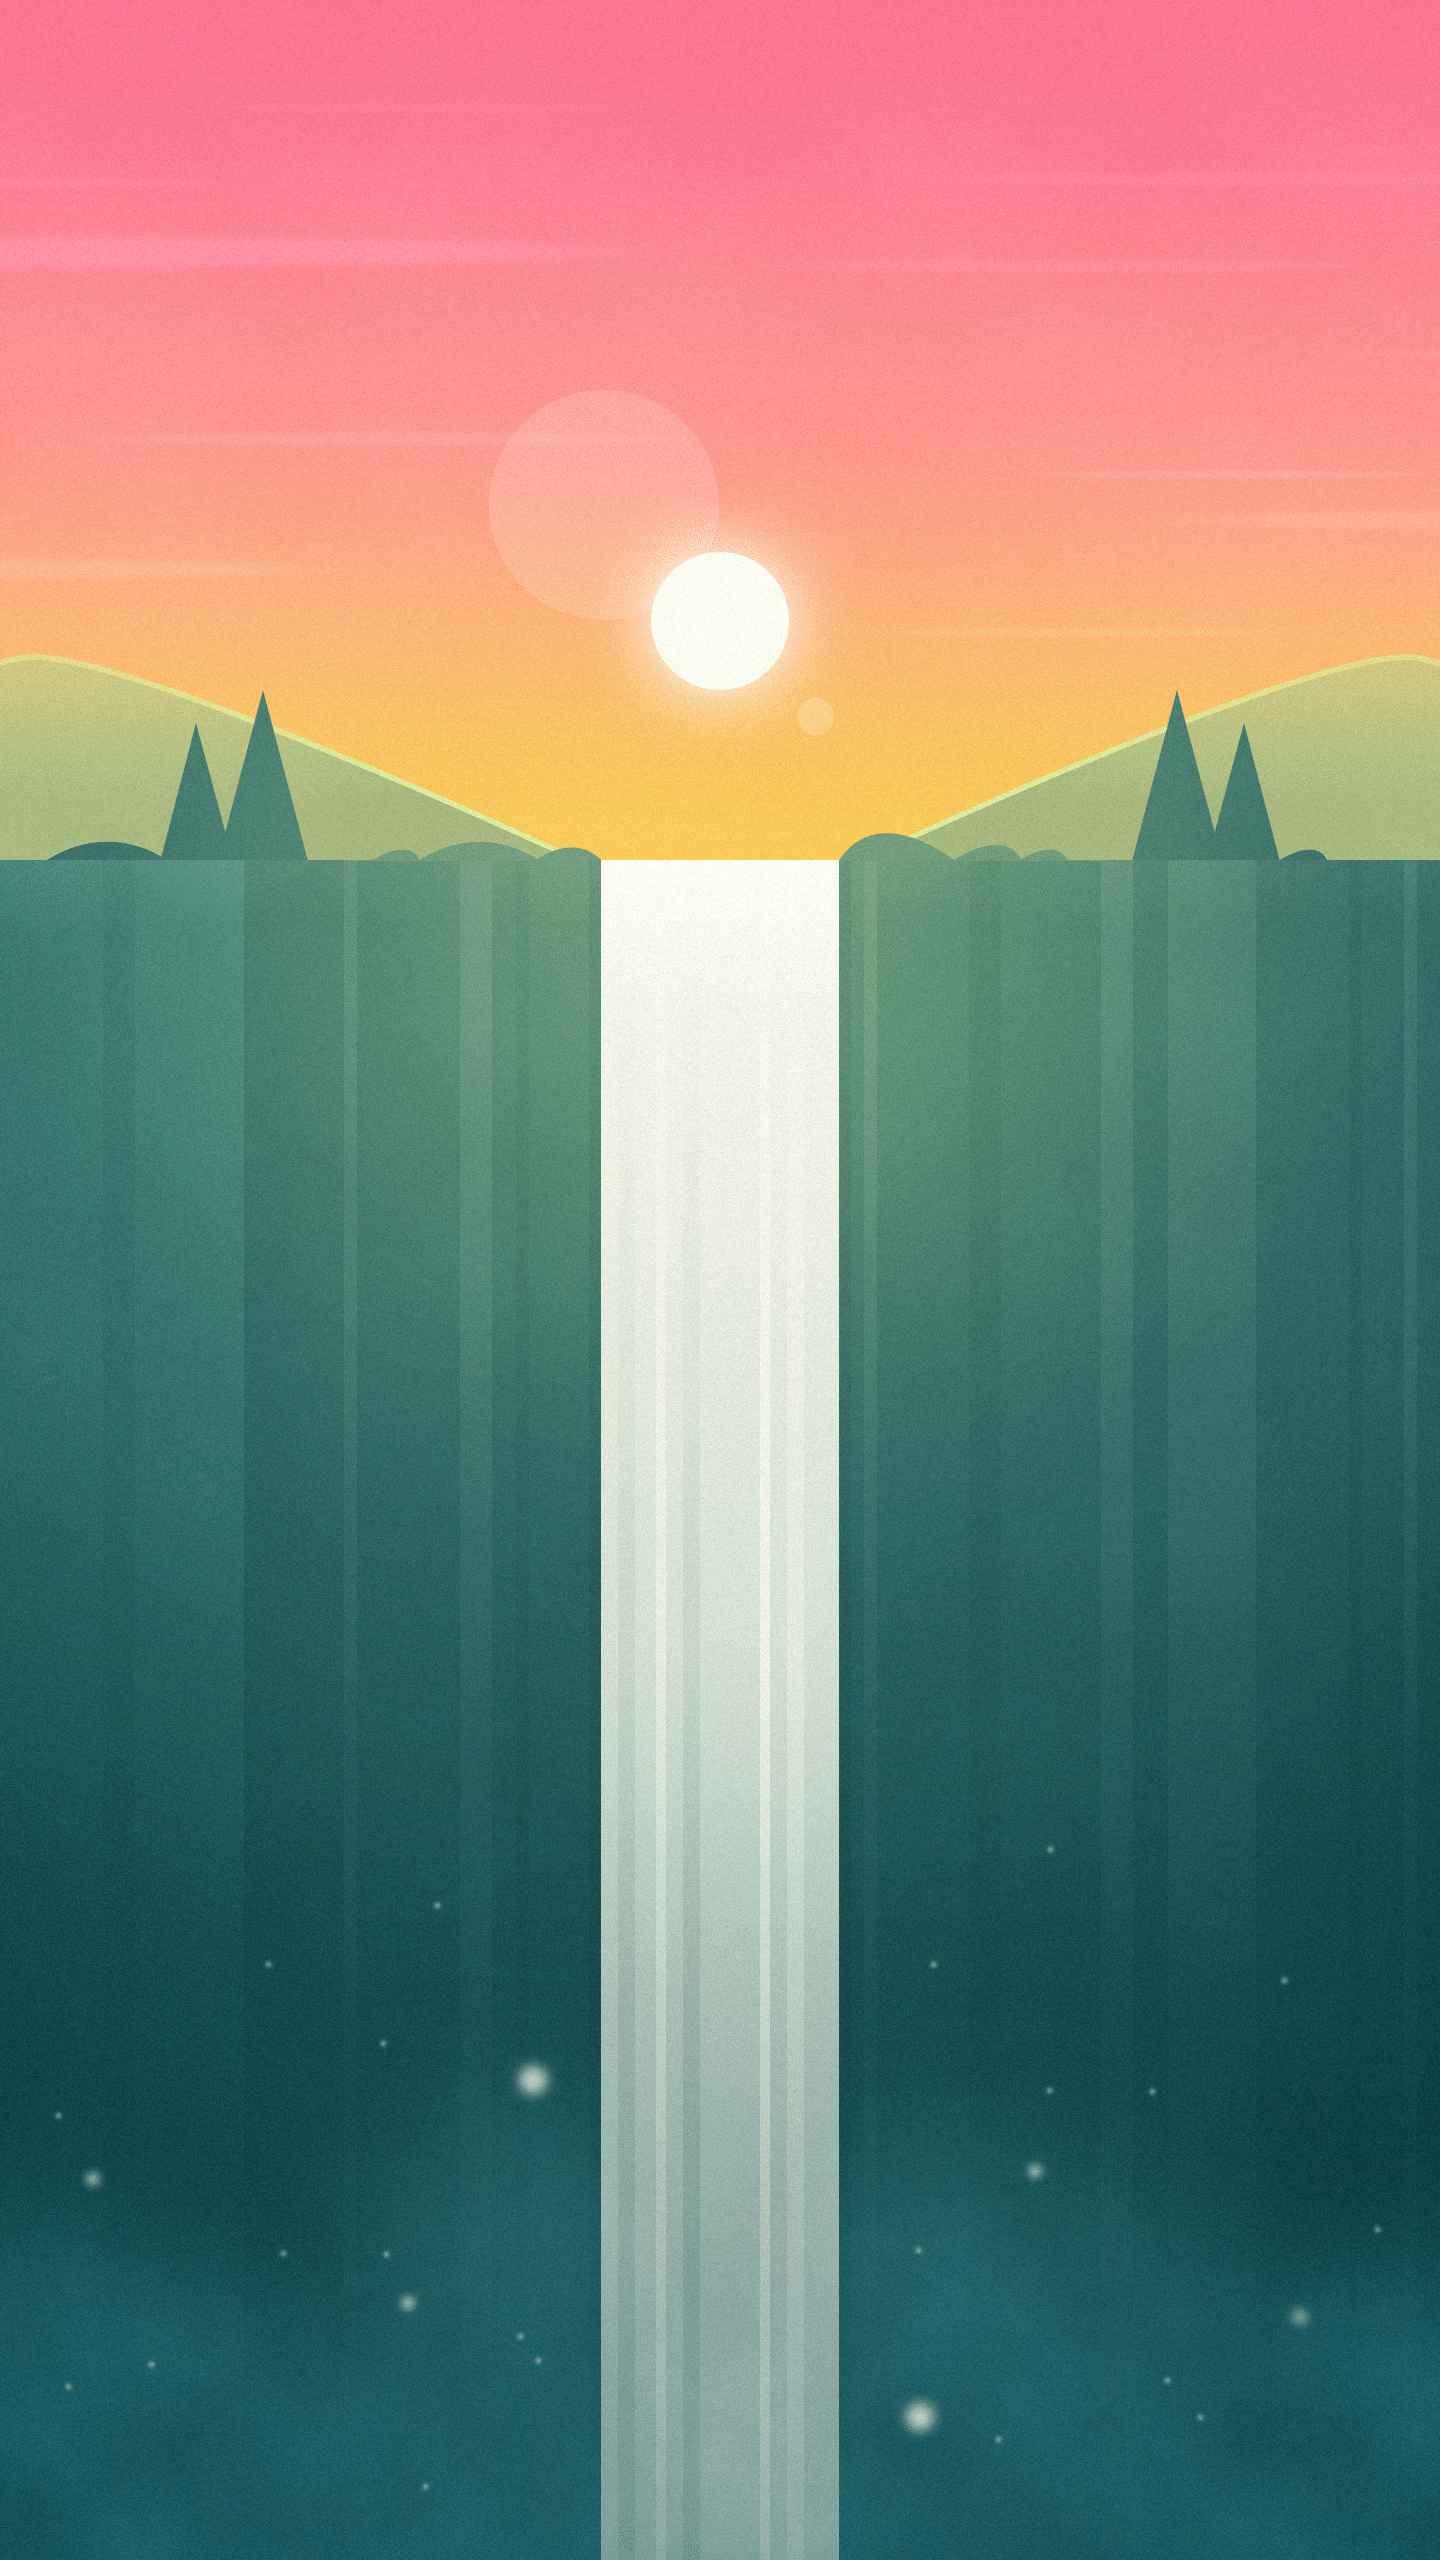 Rapid Falls iPhone Wallpaper